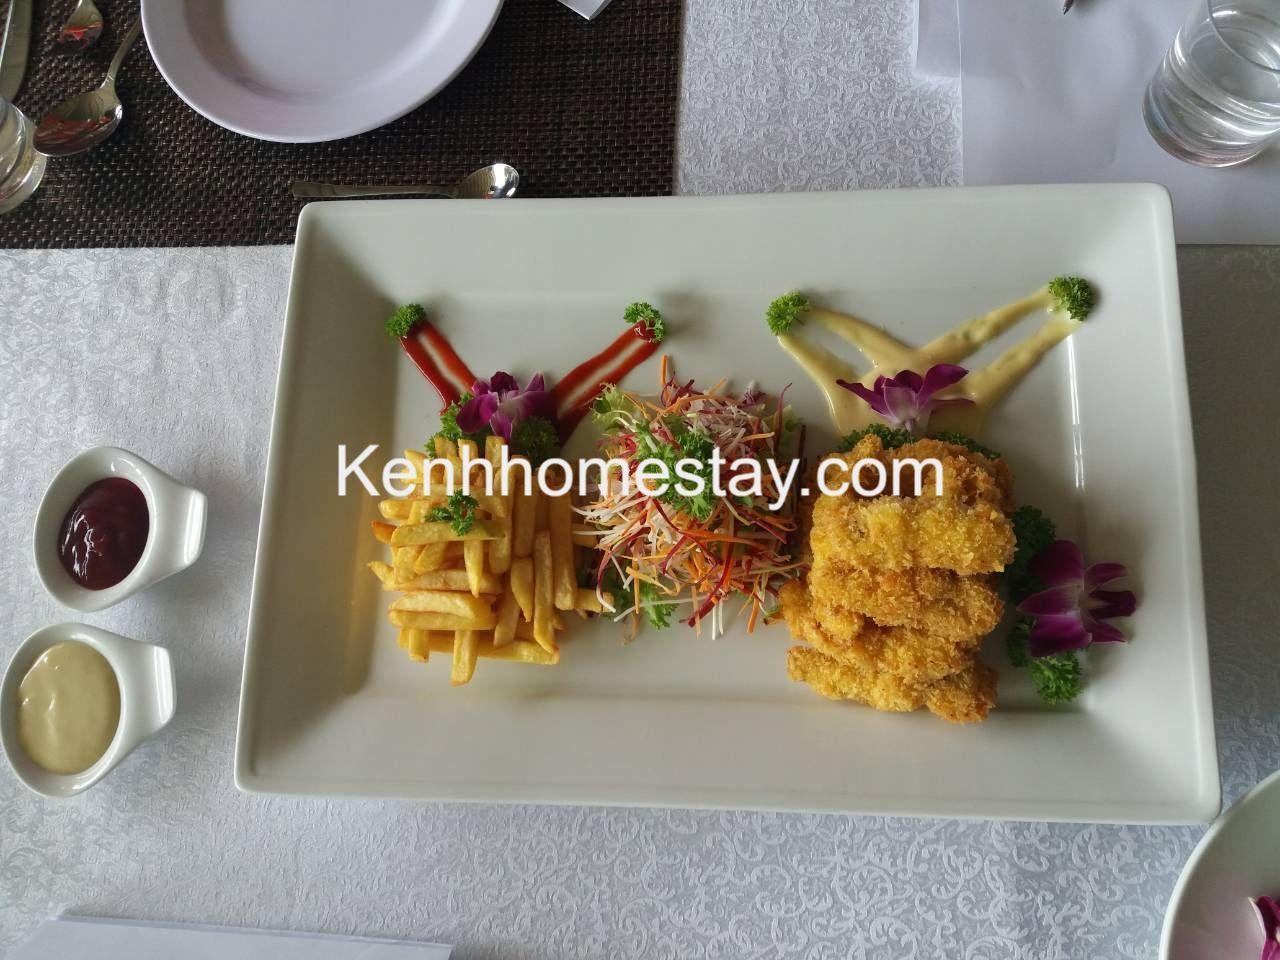 Ăn gì ở Hòn Thơm? Ghim ngay top 10 nhà hàng quán ăn ngon tại Hòn Thơm